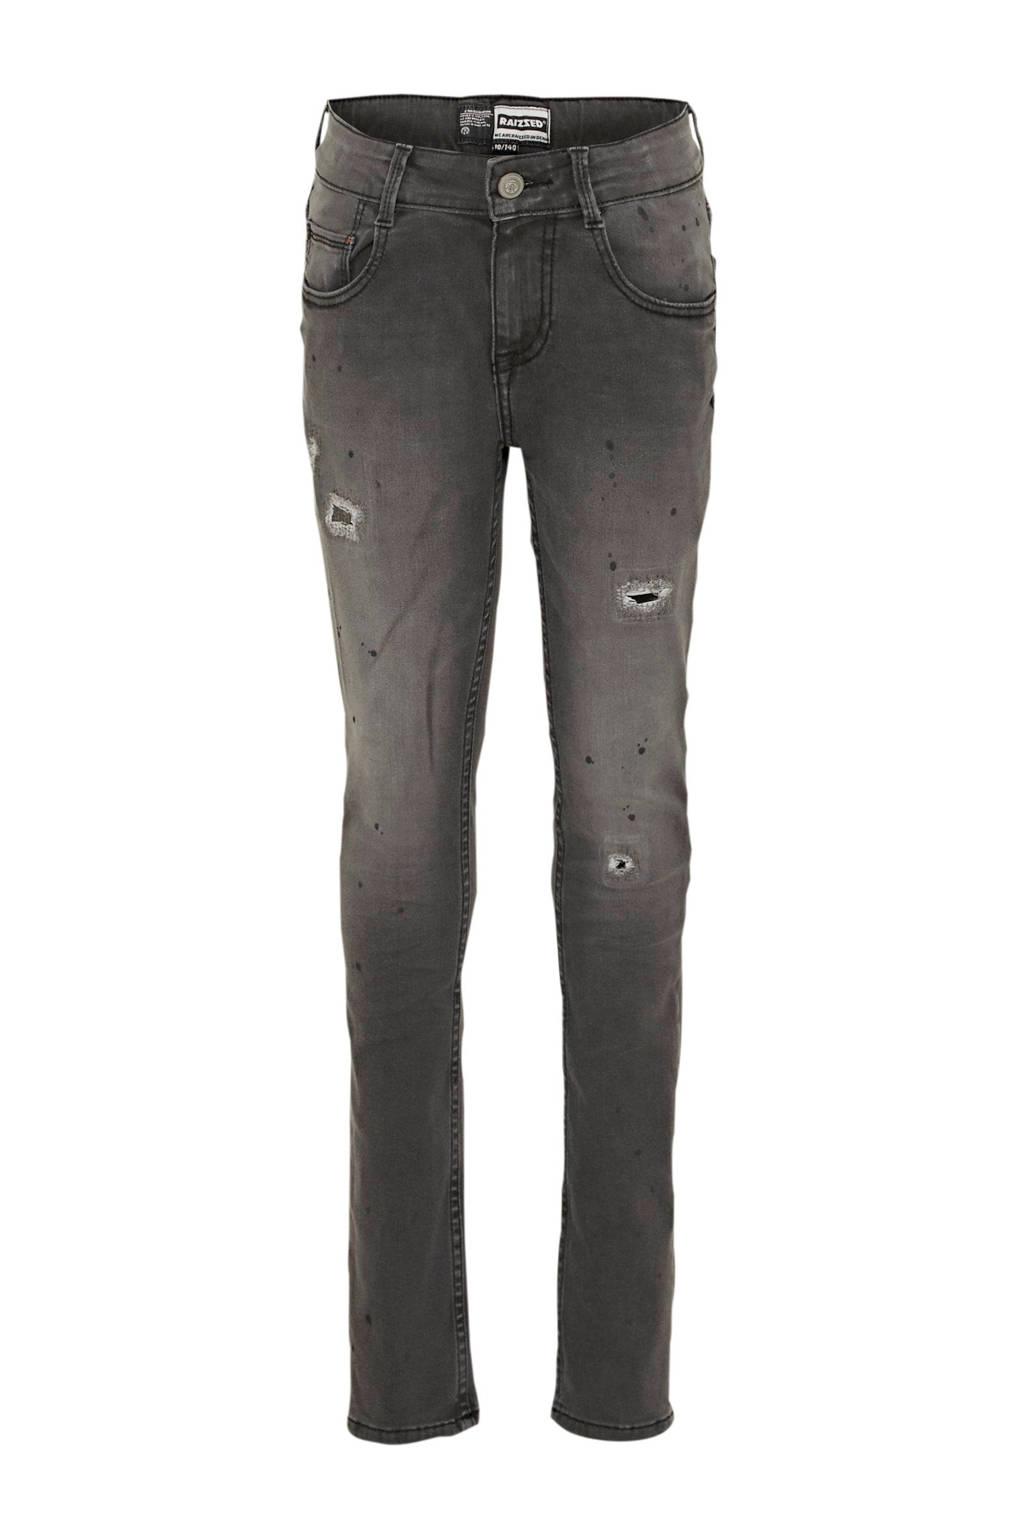 Raizzed skinny jeans Tokyo dark grey stone, Dark grey stone